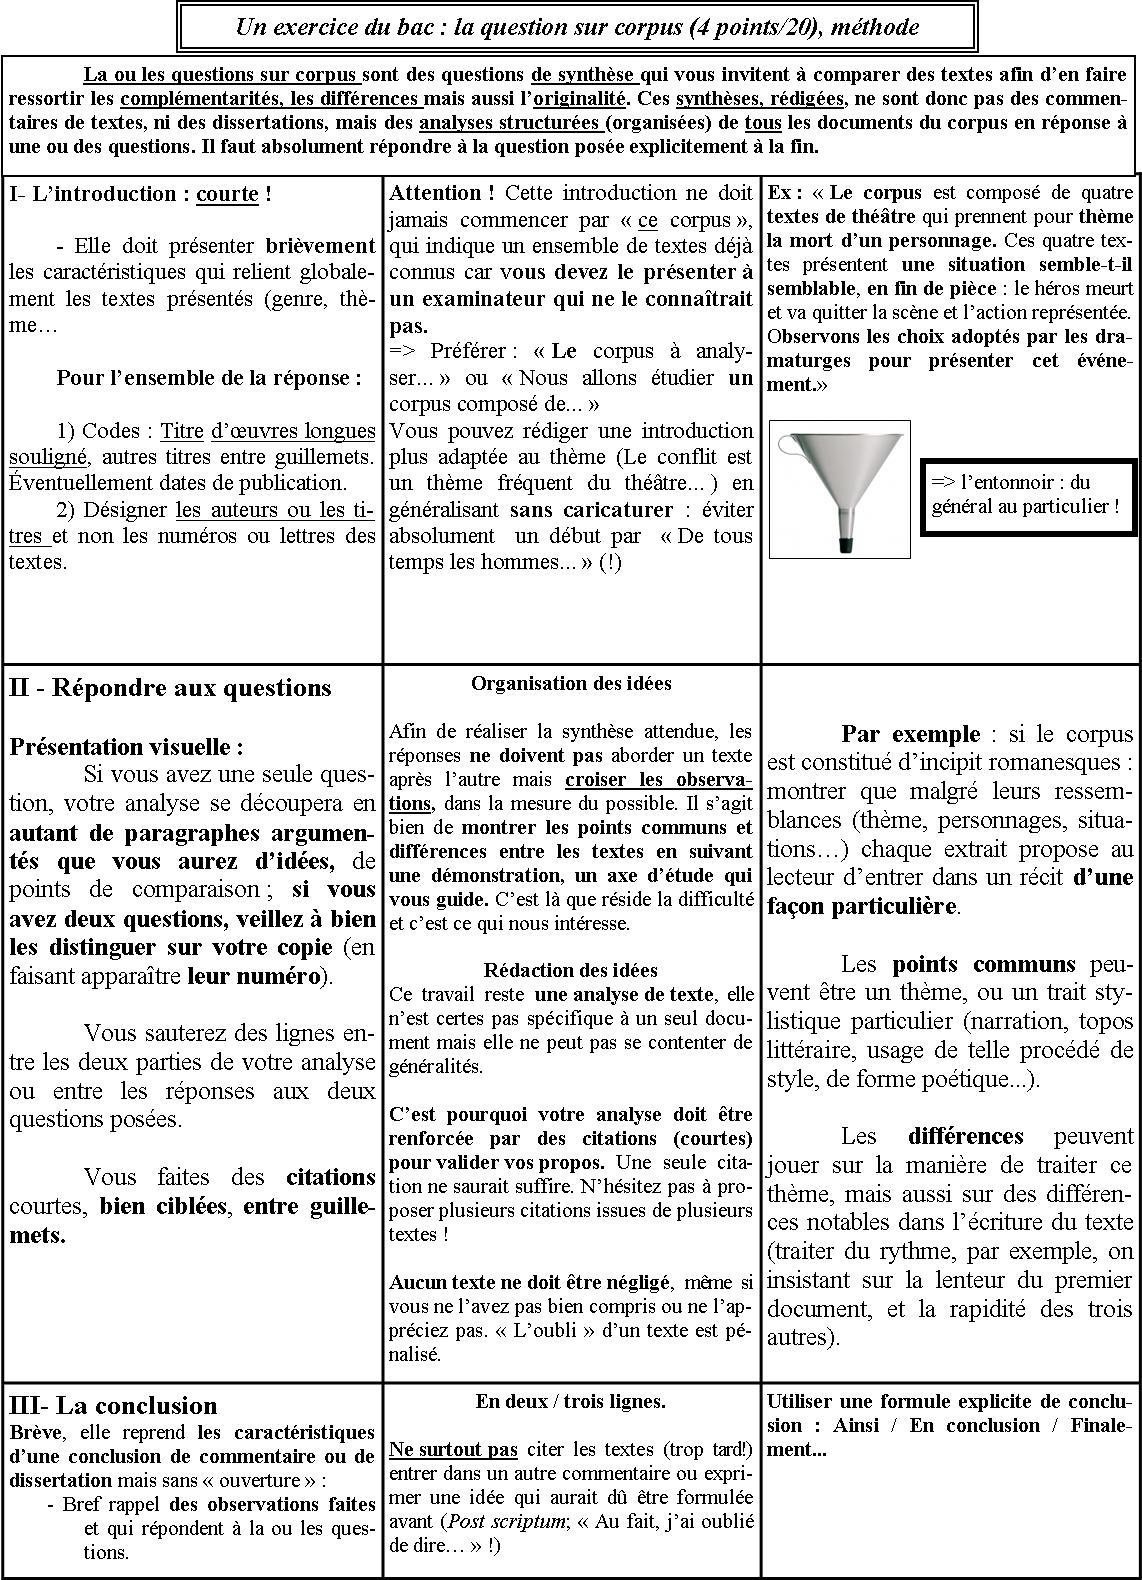 REDUIRE LES INEGALITES FILLES GARCONS - ppt télécharger